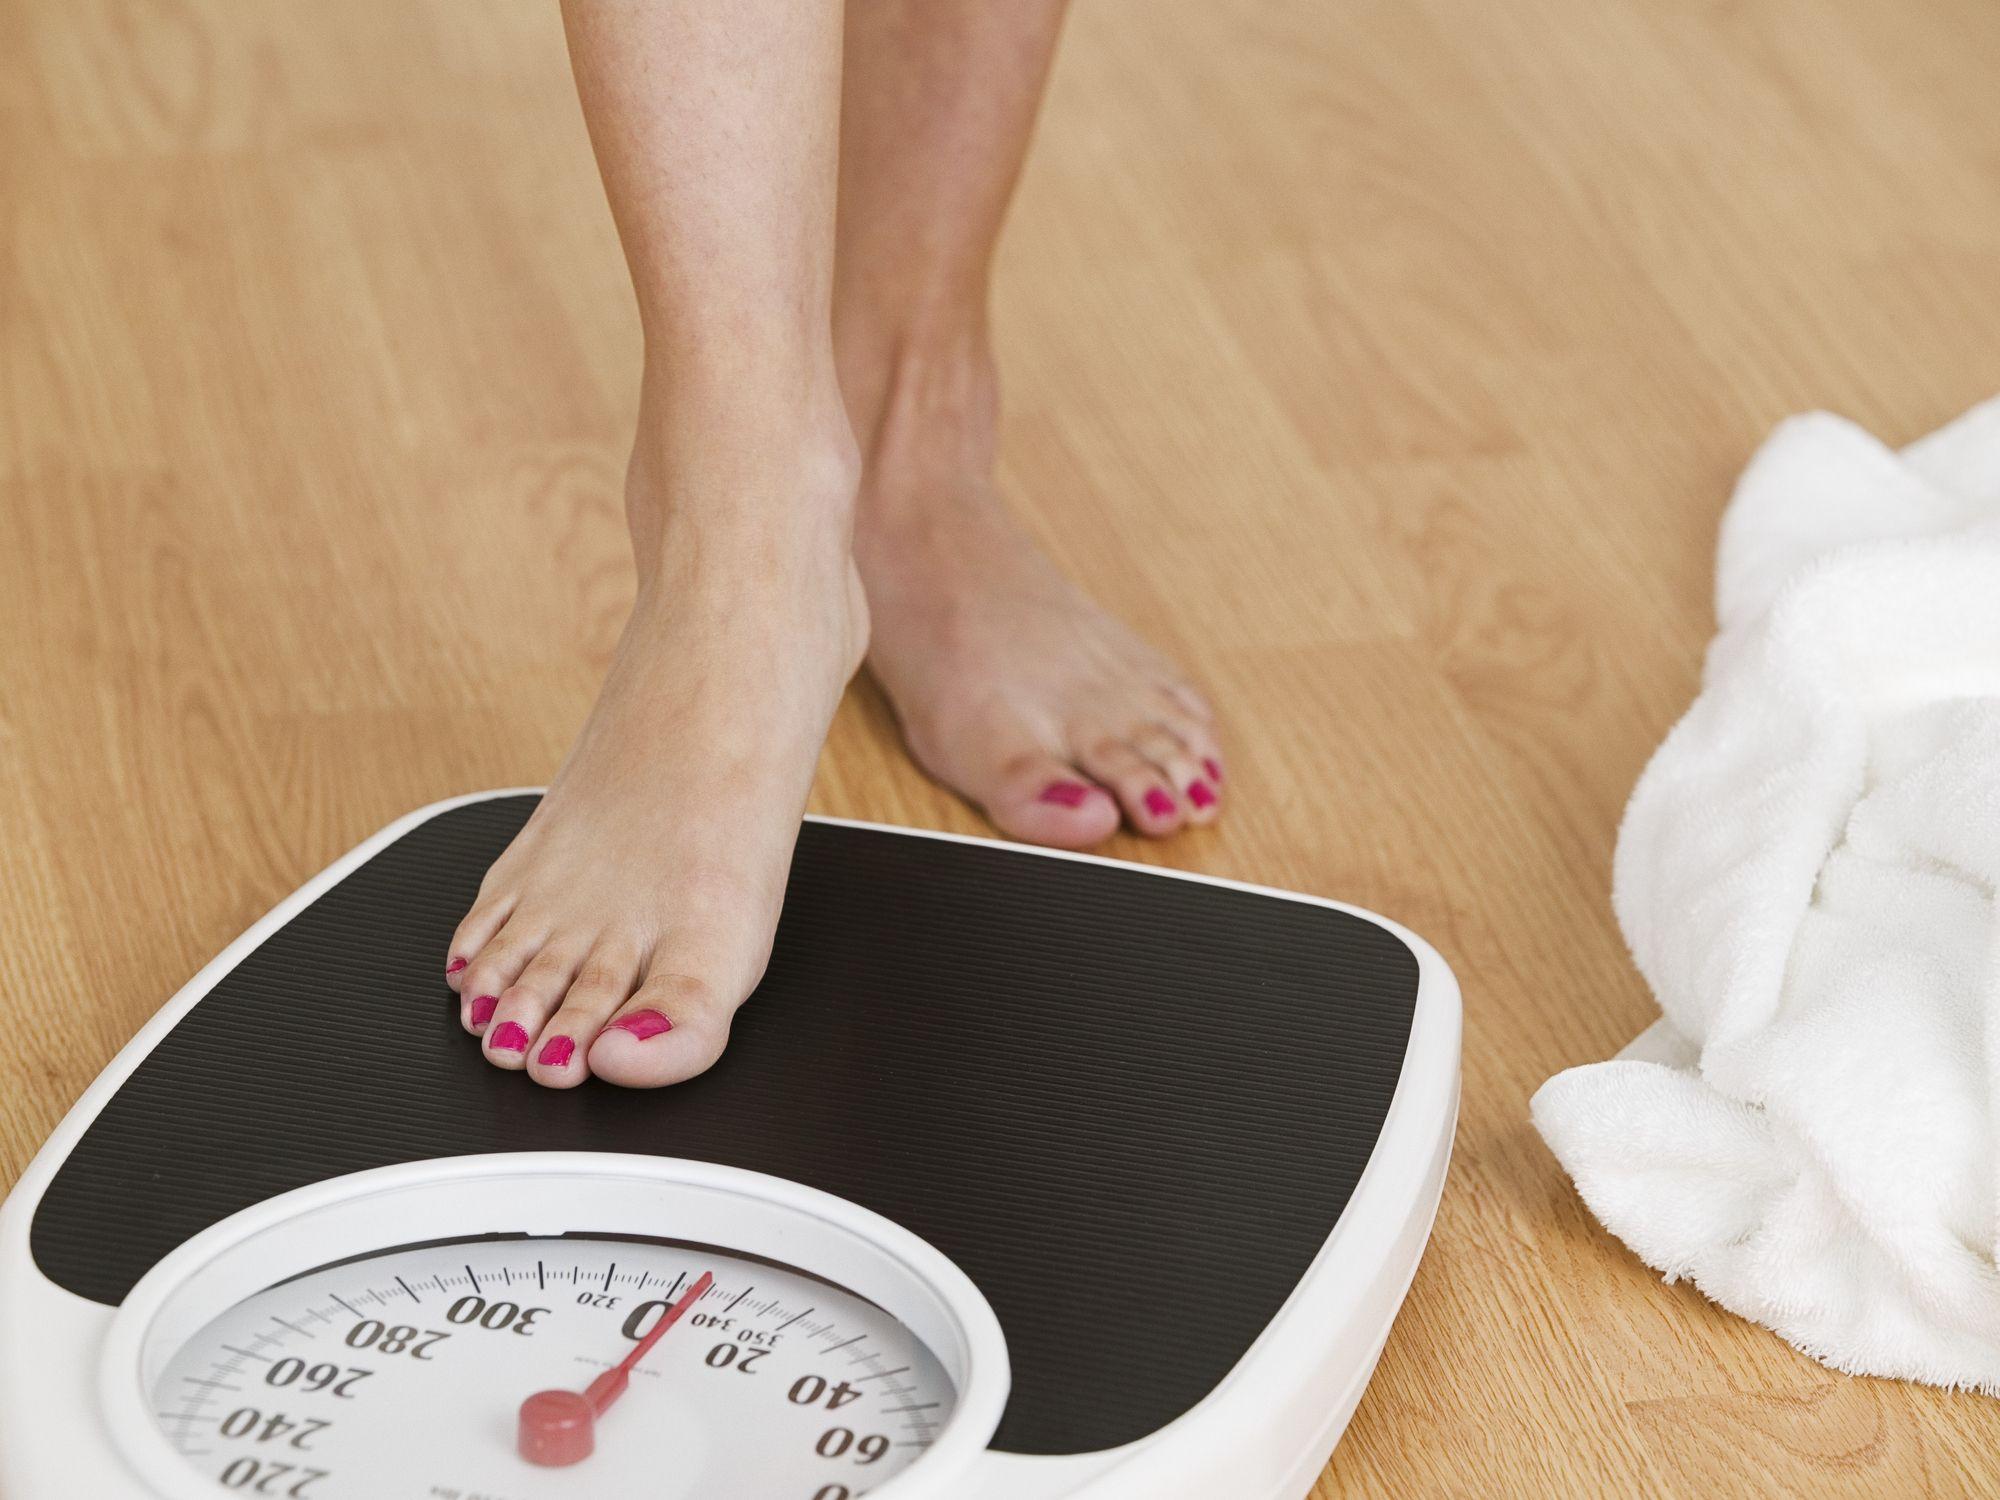 増加 体重 生理 中